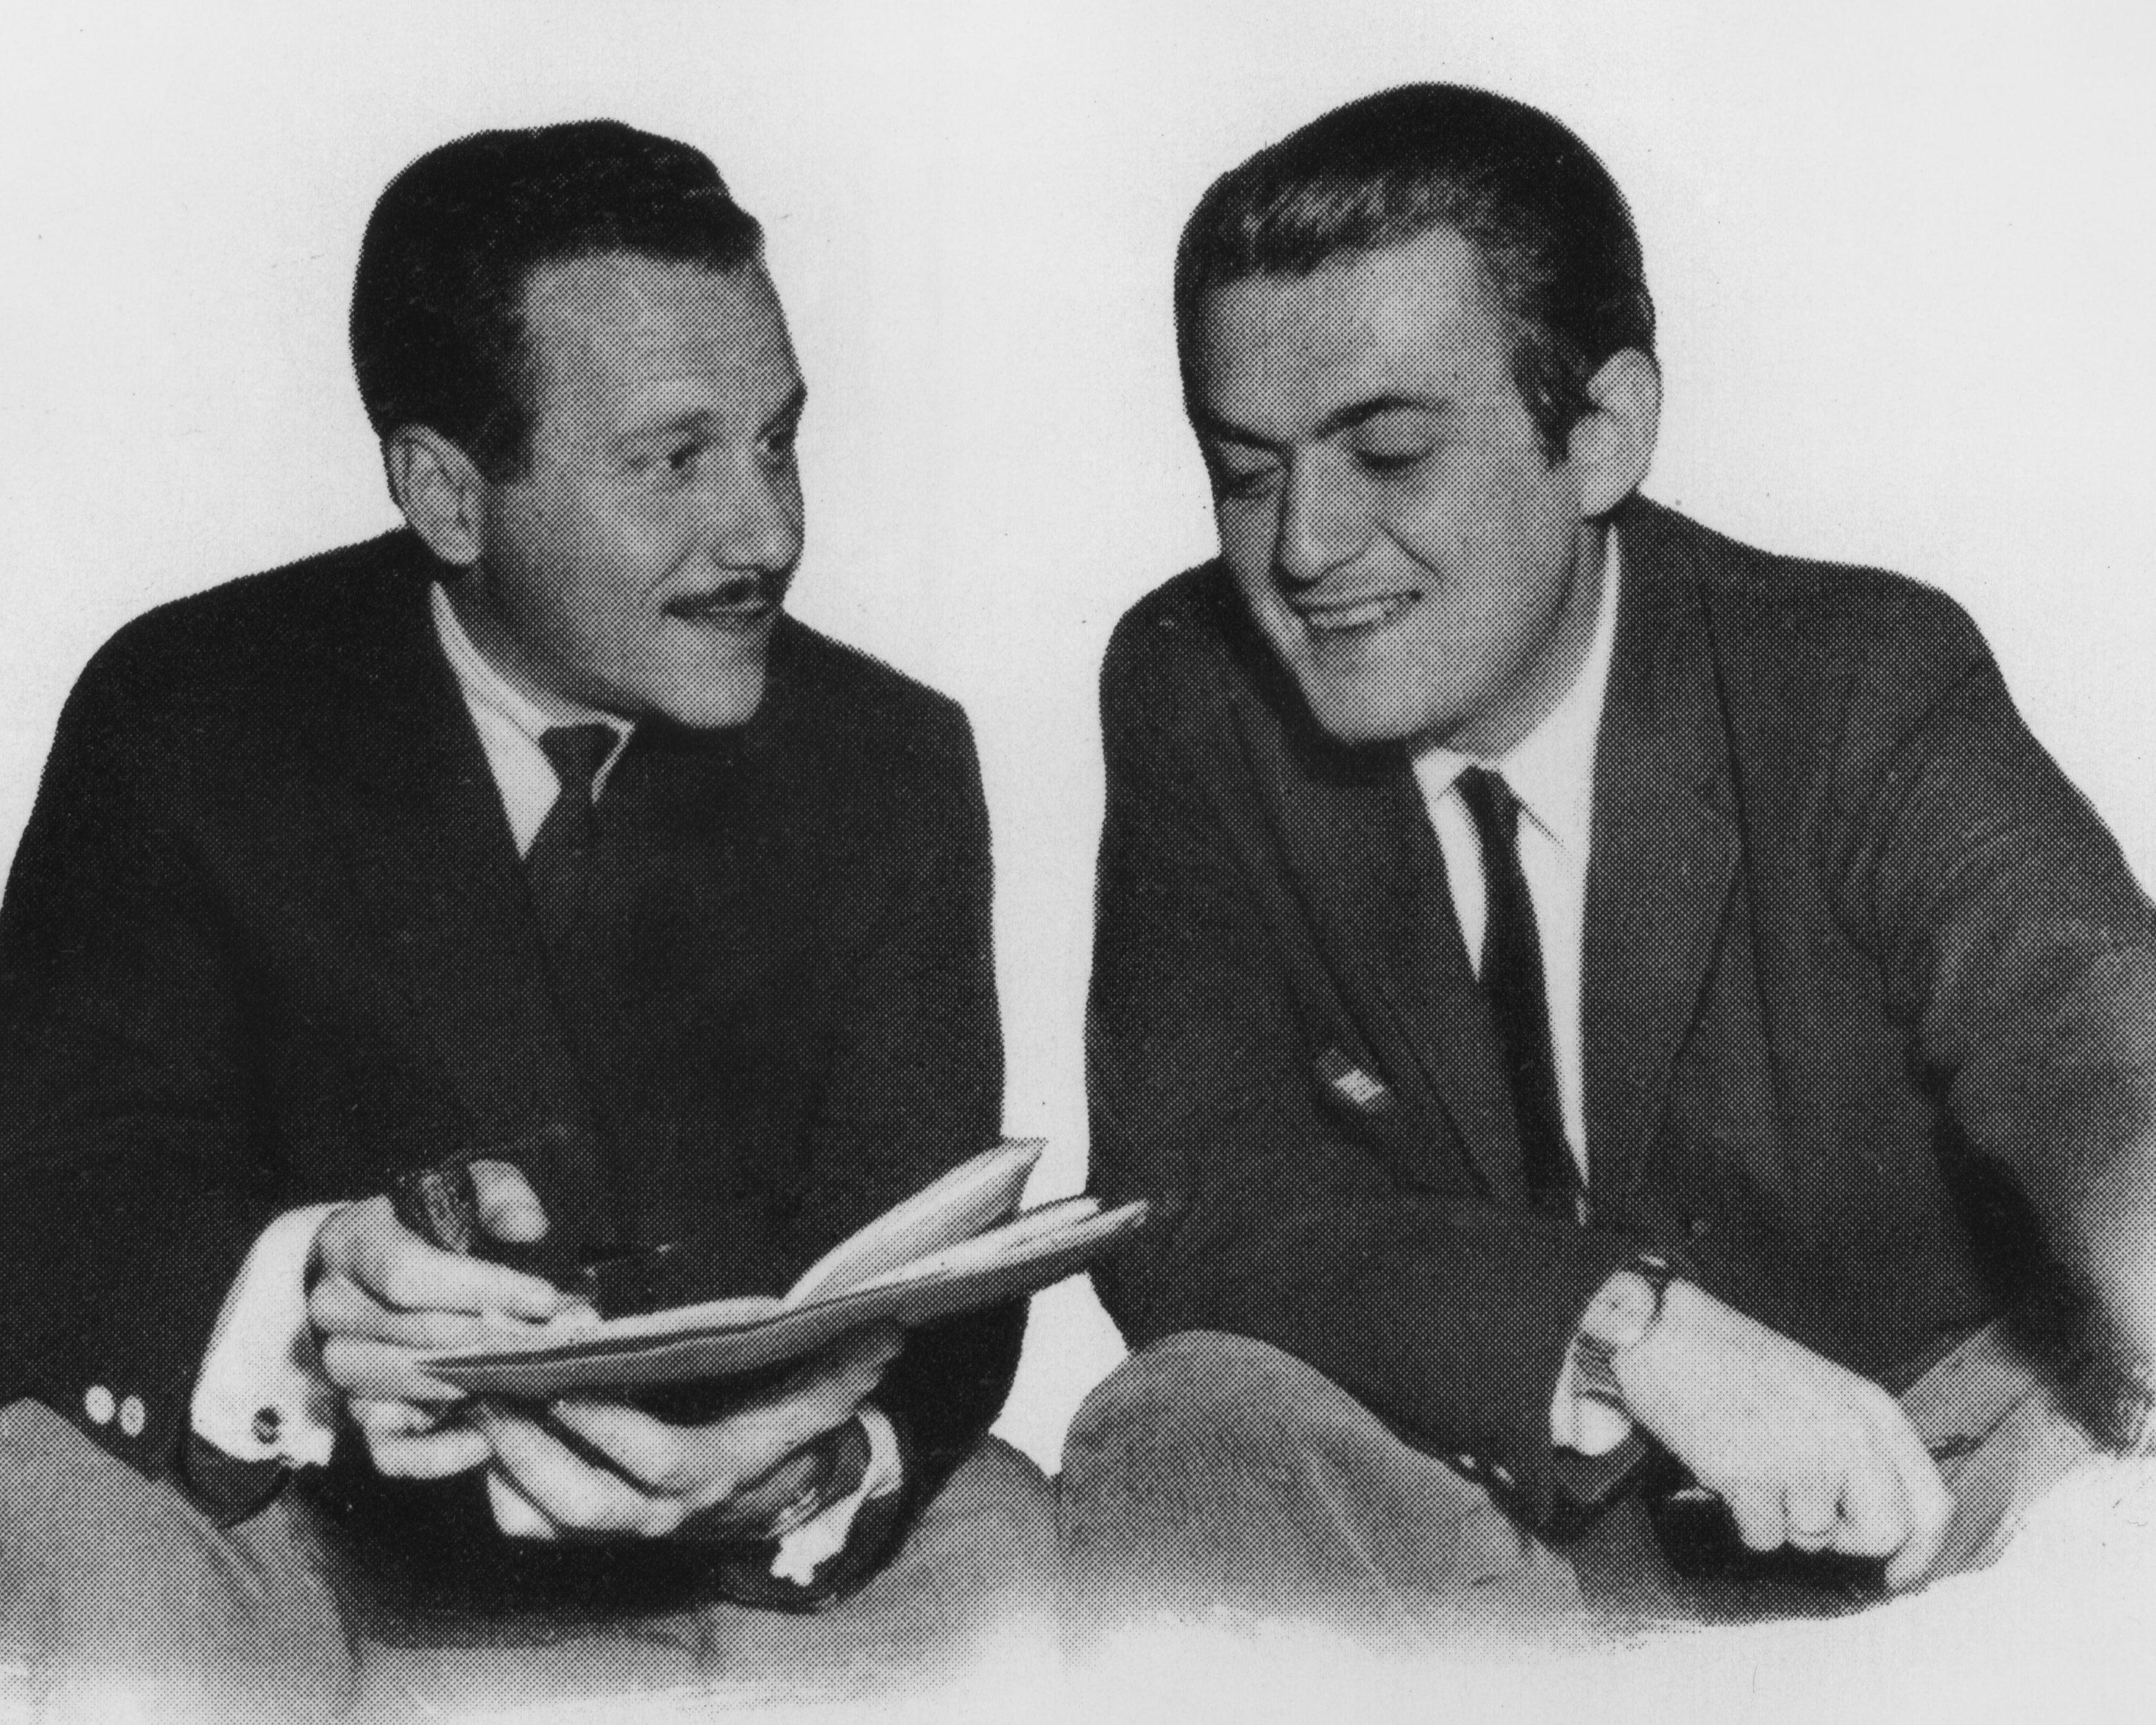 Producer Edward Lewis and Filmmaker Stanley Kubrick